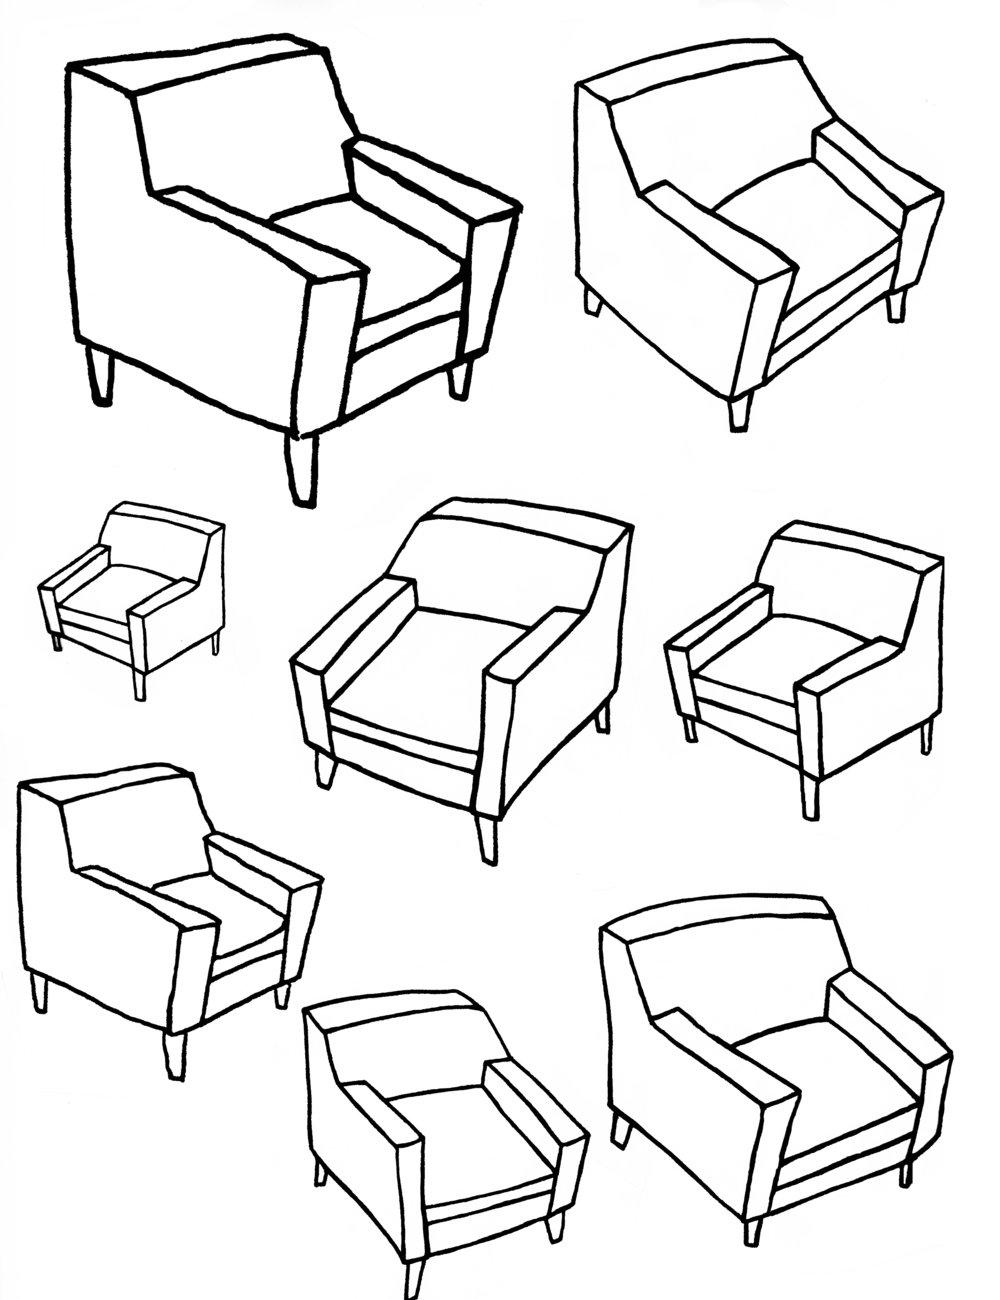 48_chairs.jpg